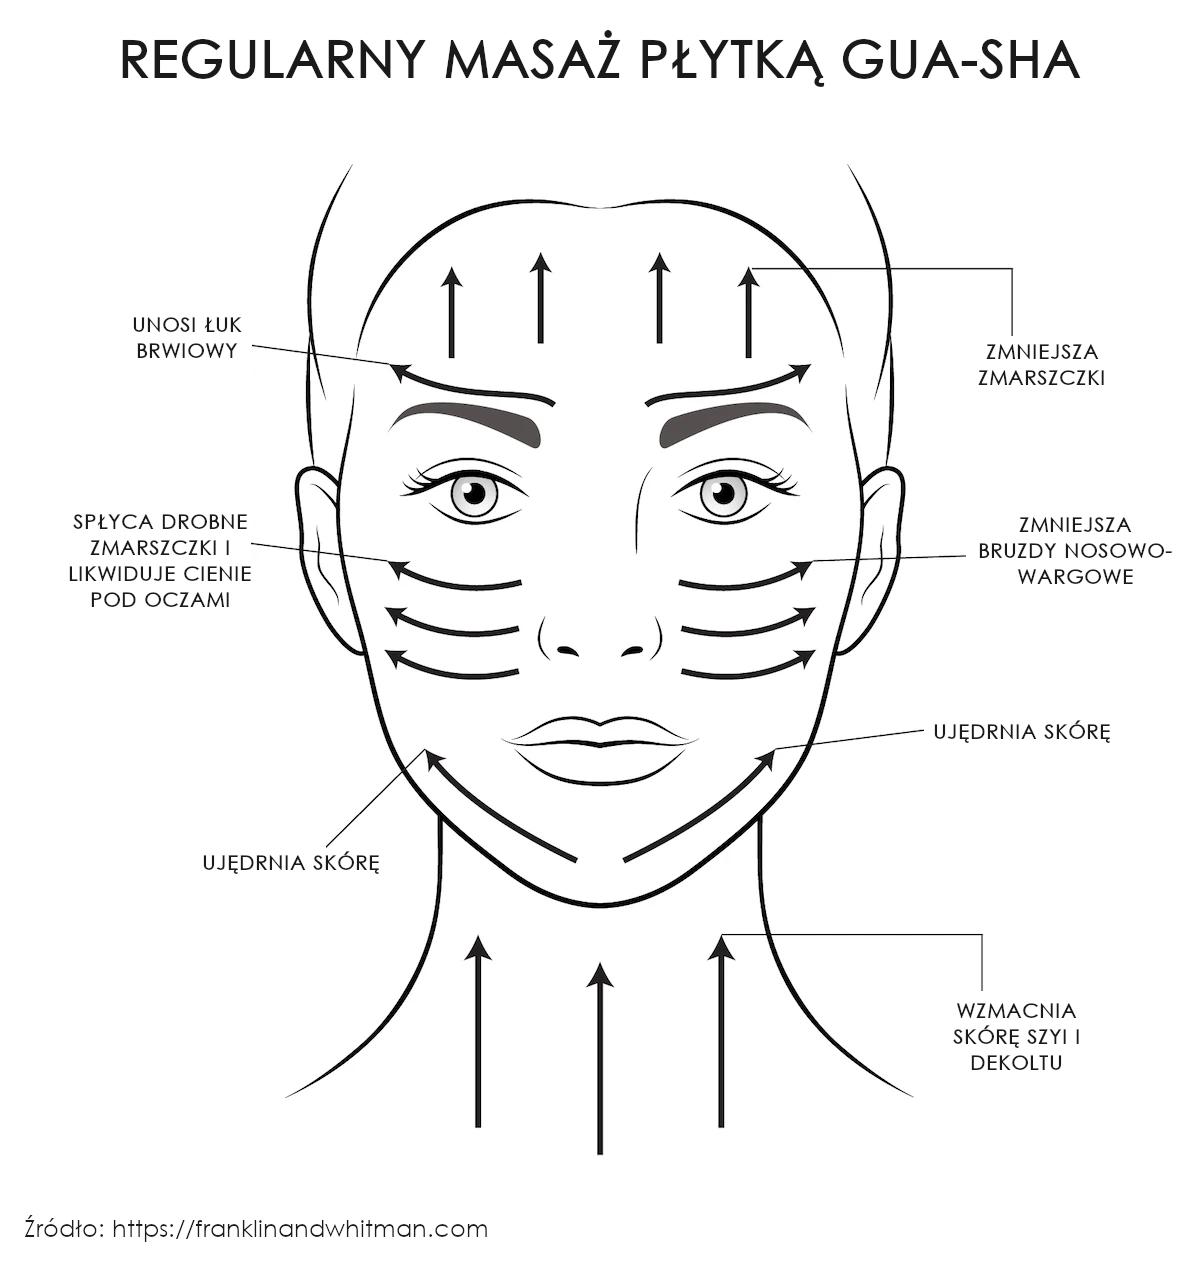 Masaż płytką Gua-Sha